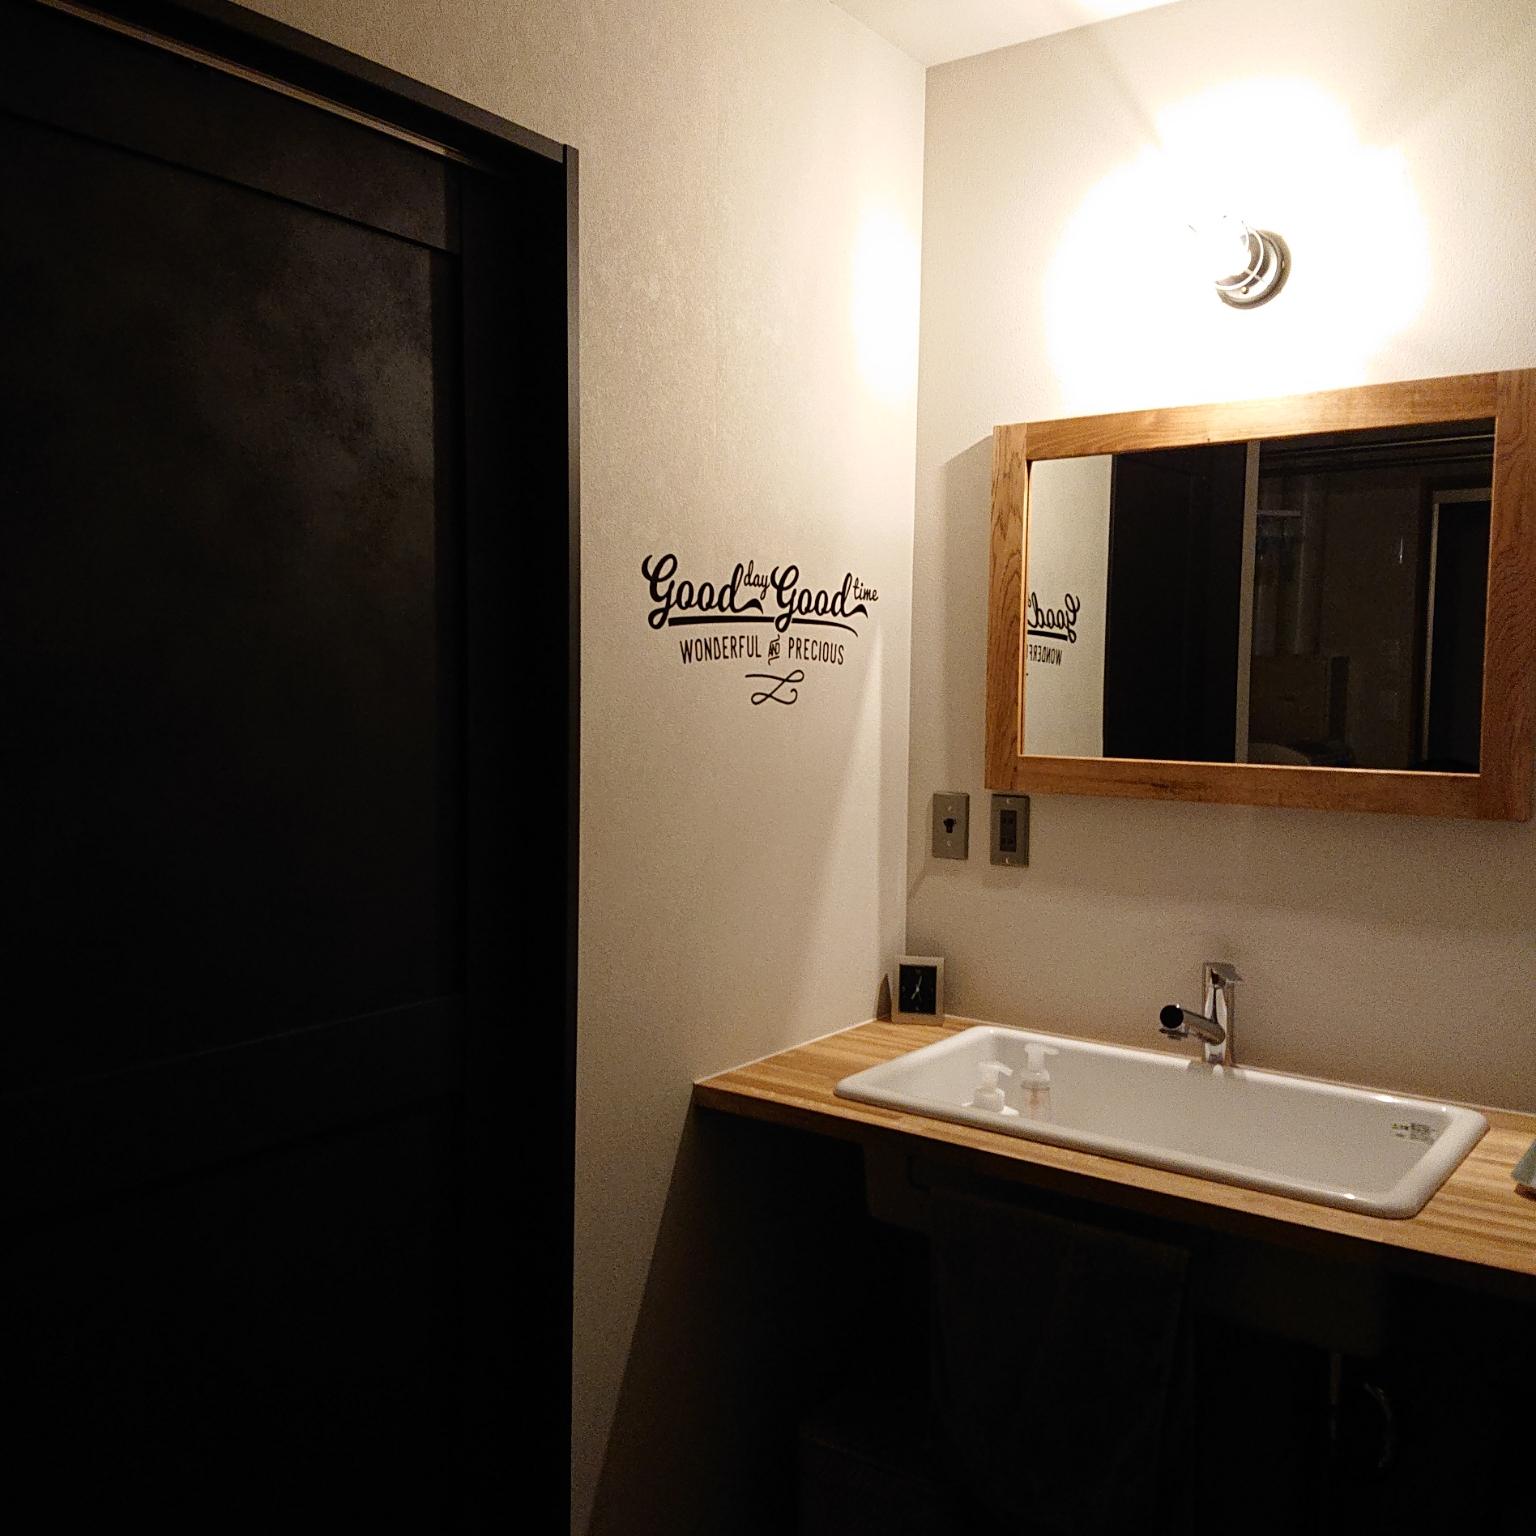 バス/トイレのインテリア実例 - 2020-08-06 19:02:05